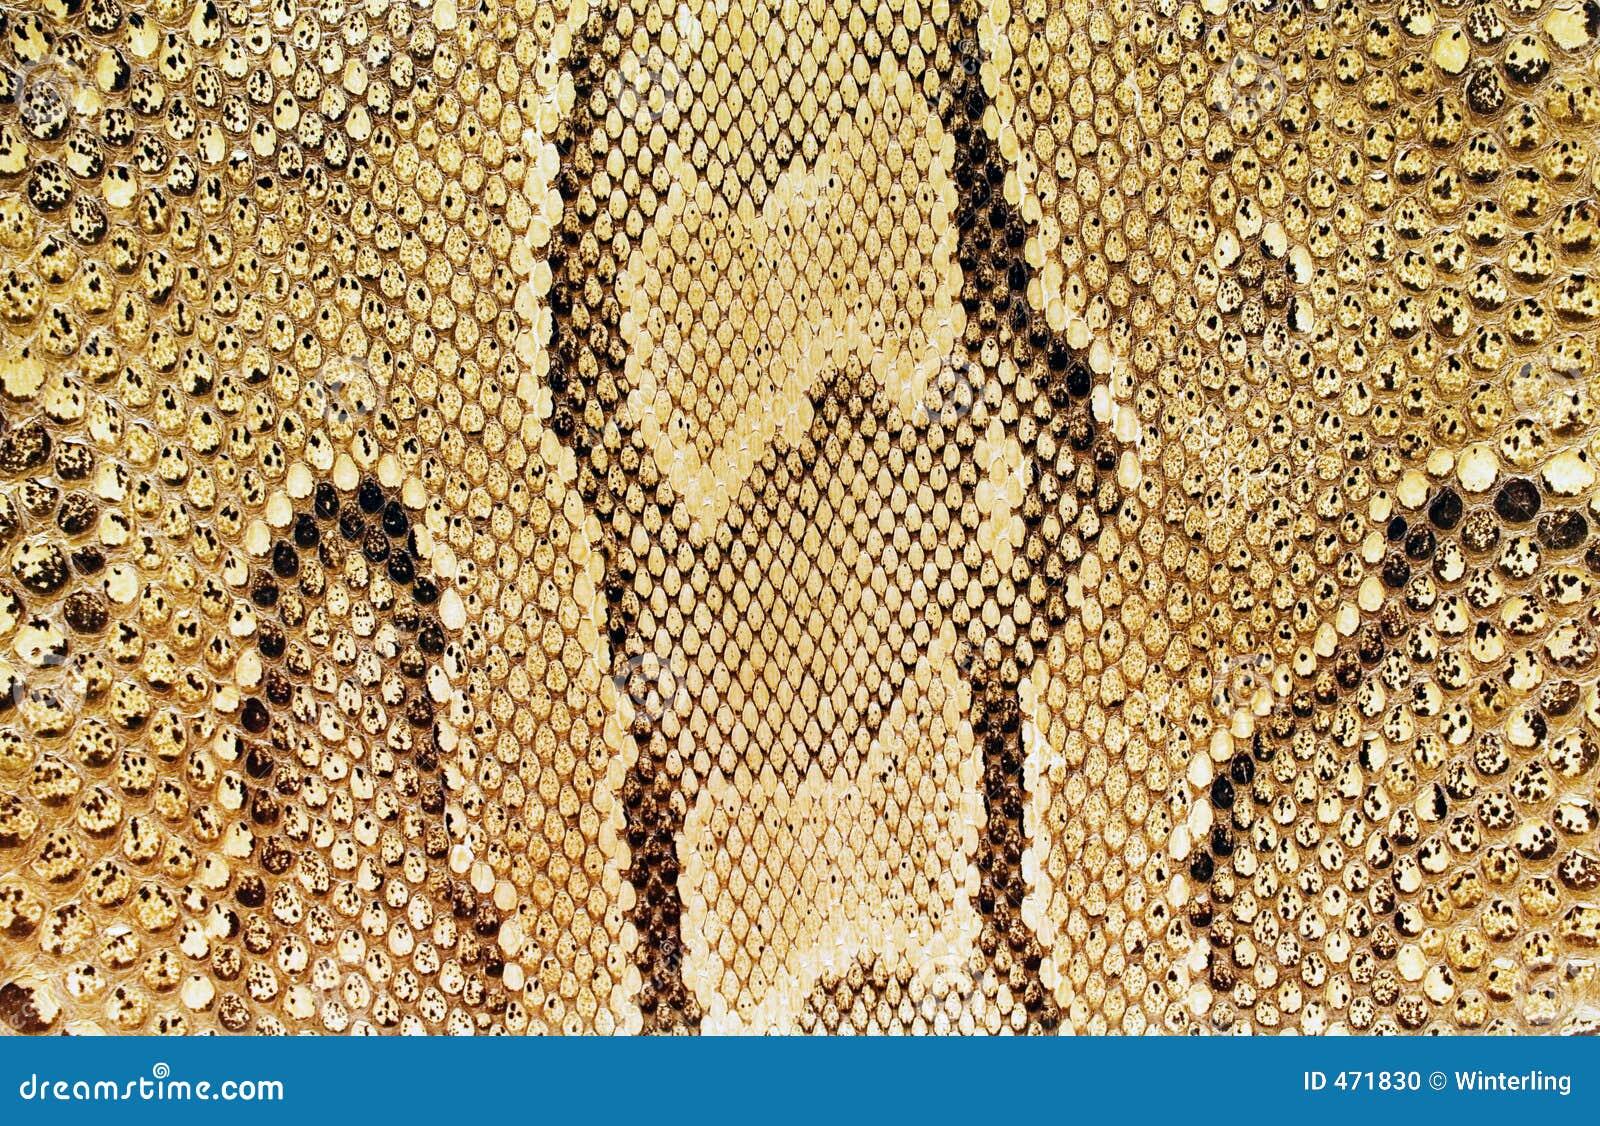 Textures – Snakeskin